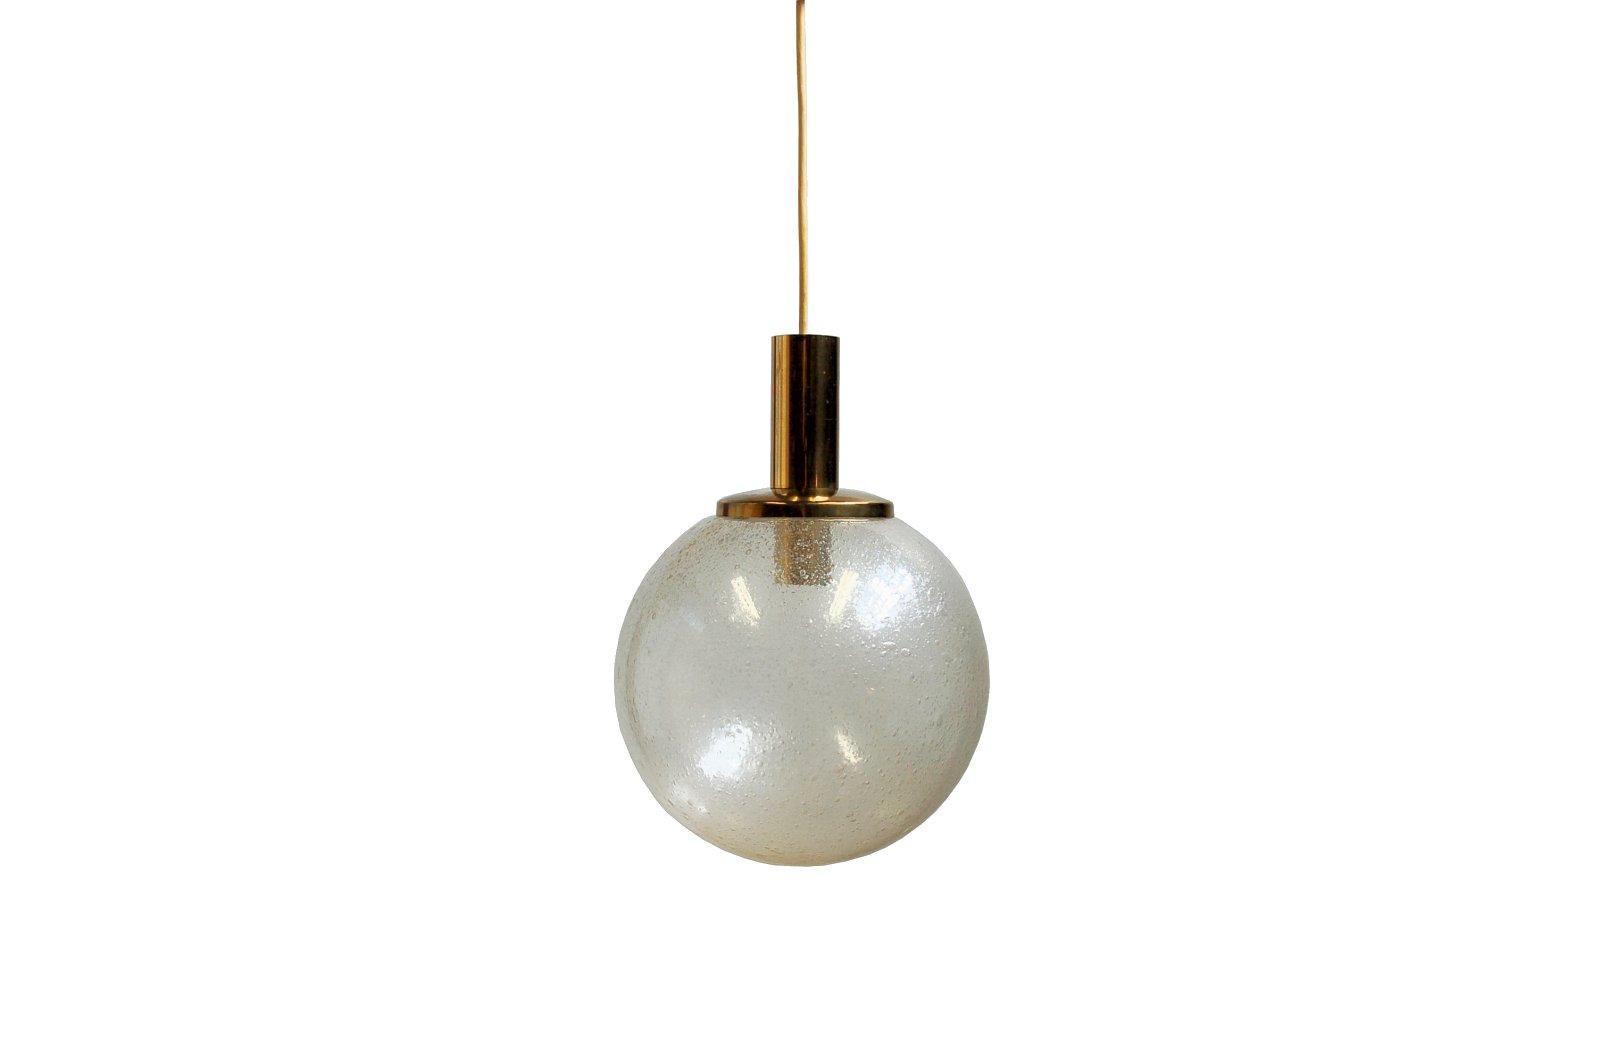 gro e vintage glaskugel h ngelampe bei pamono kaufen. Black Bedroom Furniture Sets. Home Design Ideas